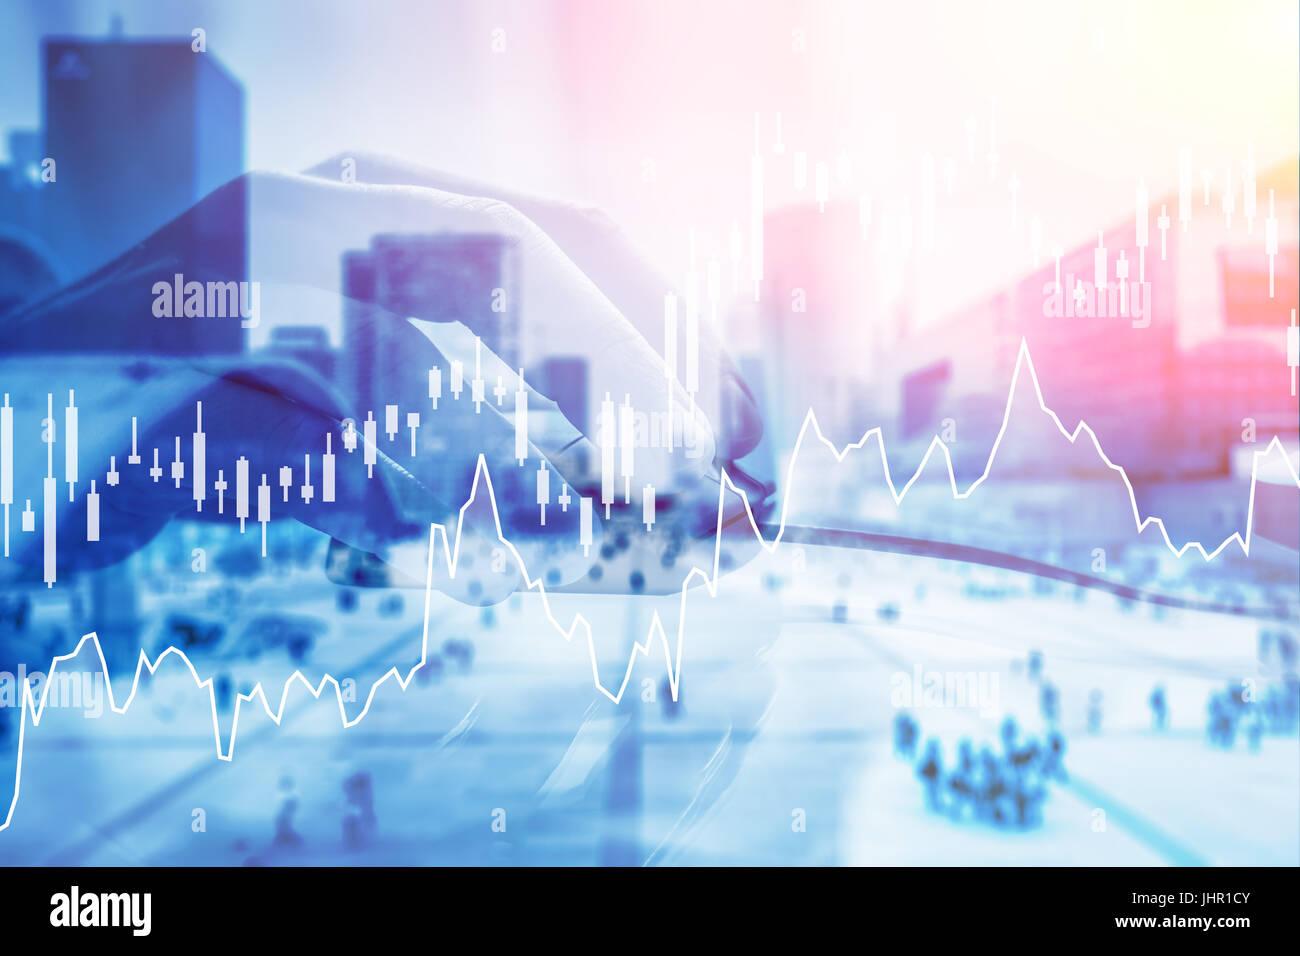 Mano sujetando con el ratón del ordenador digital gráficos financieros de inversión bursátil en primer plano y de fondo del paisaje urbano en el distrito de negocios, doubl Foto de stock